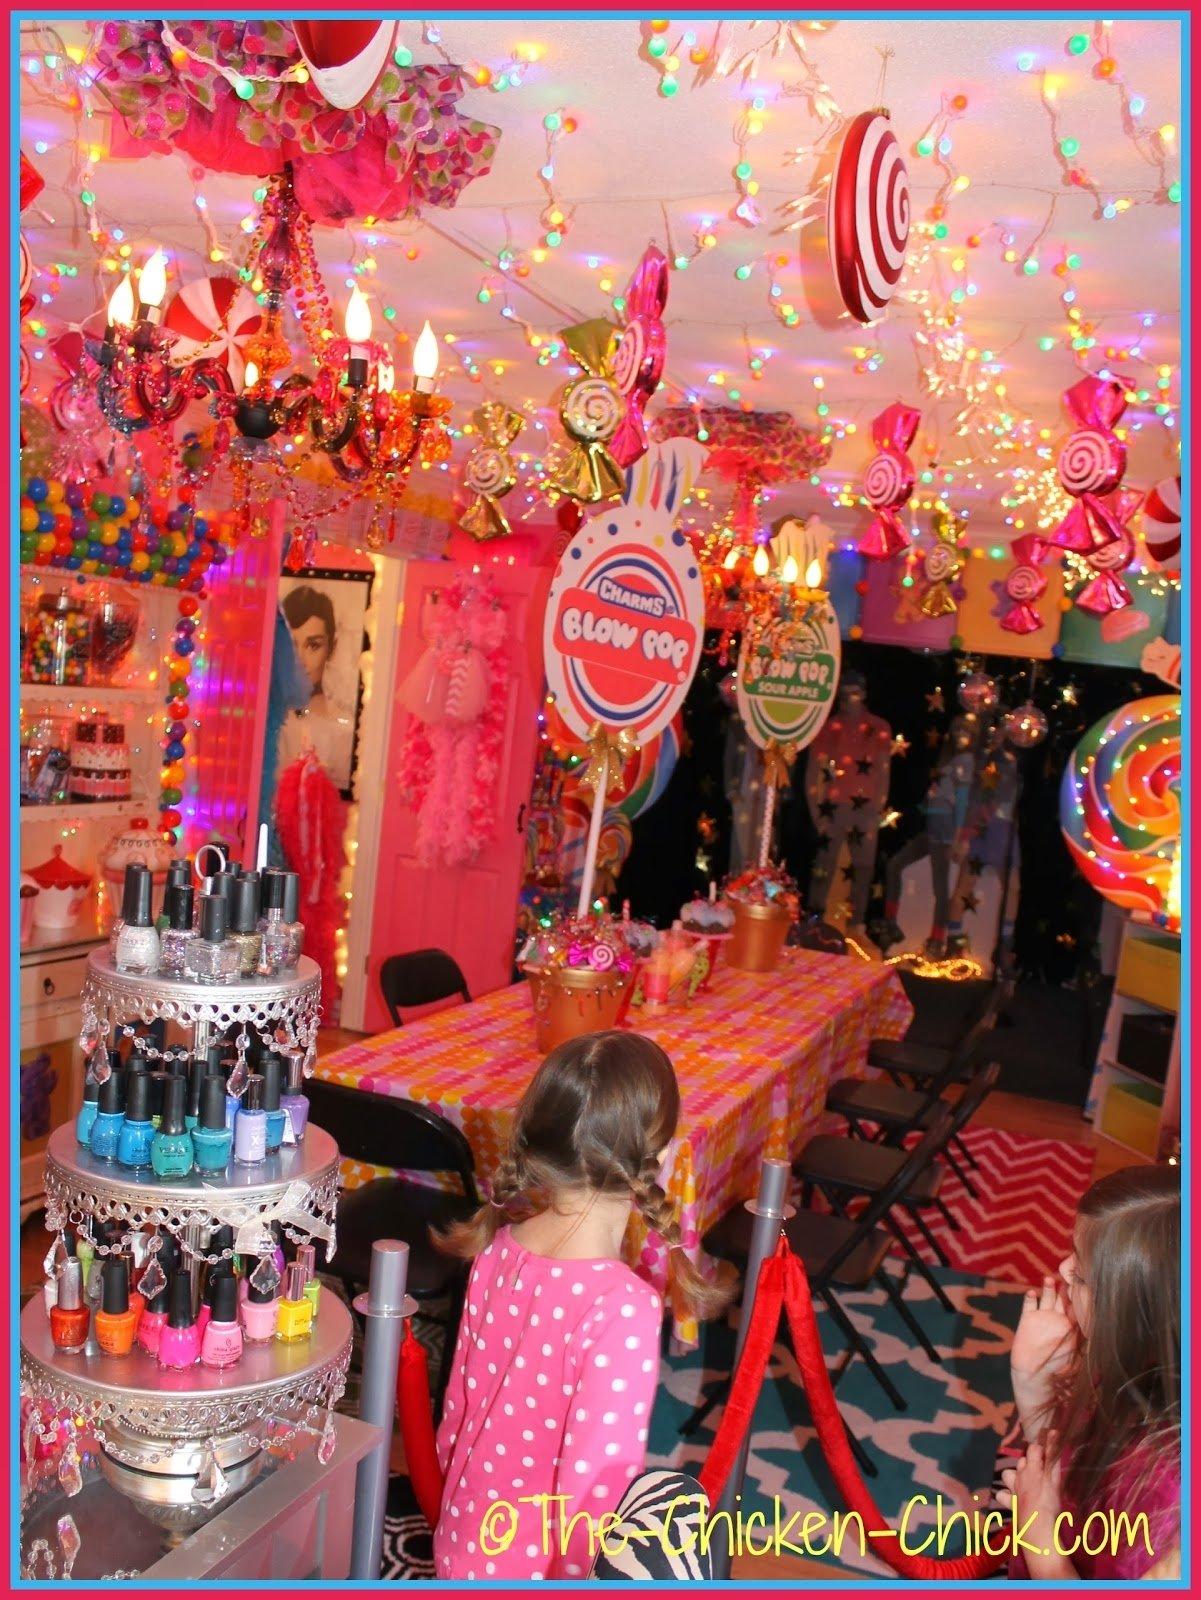 10 Most Popular 7 Yr Old Girl Birthday Party Ideas spa birthday party ideas for 7 year olds pool design ideas 27